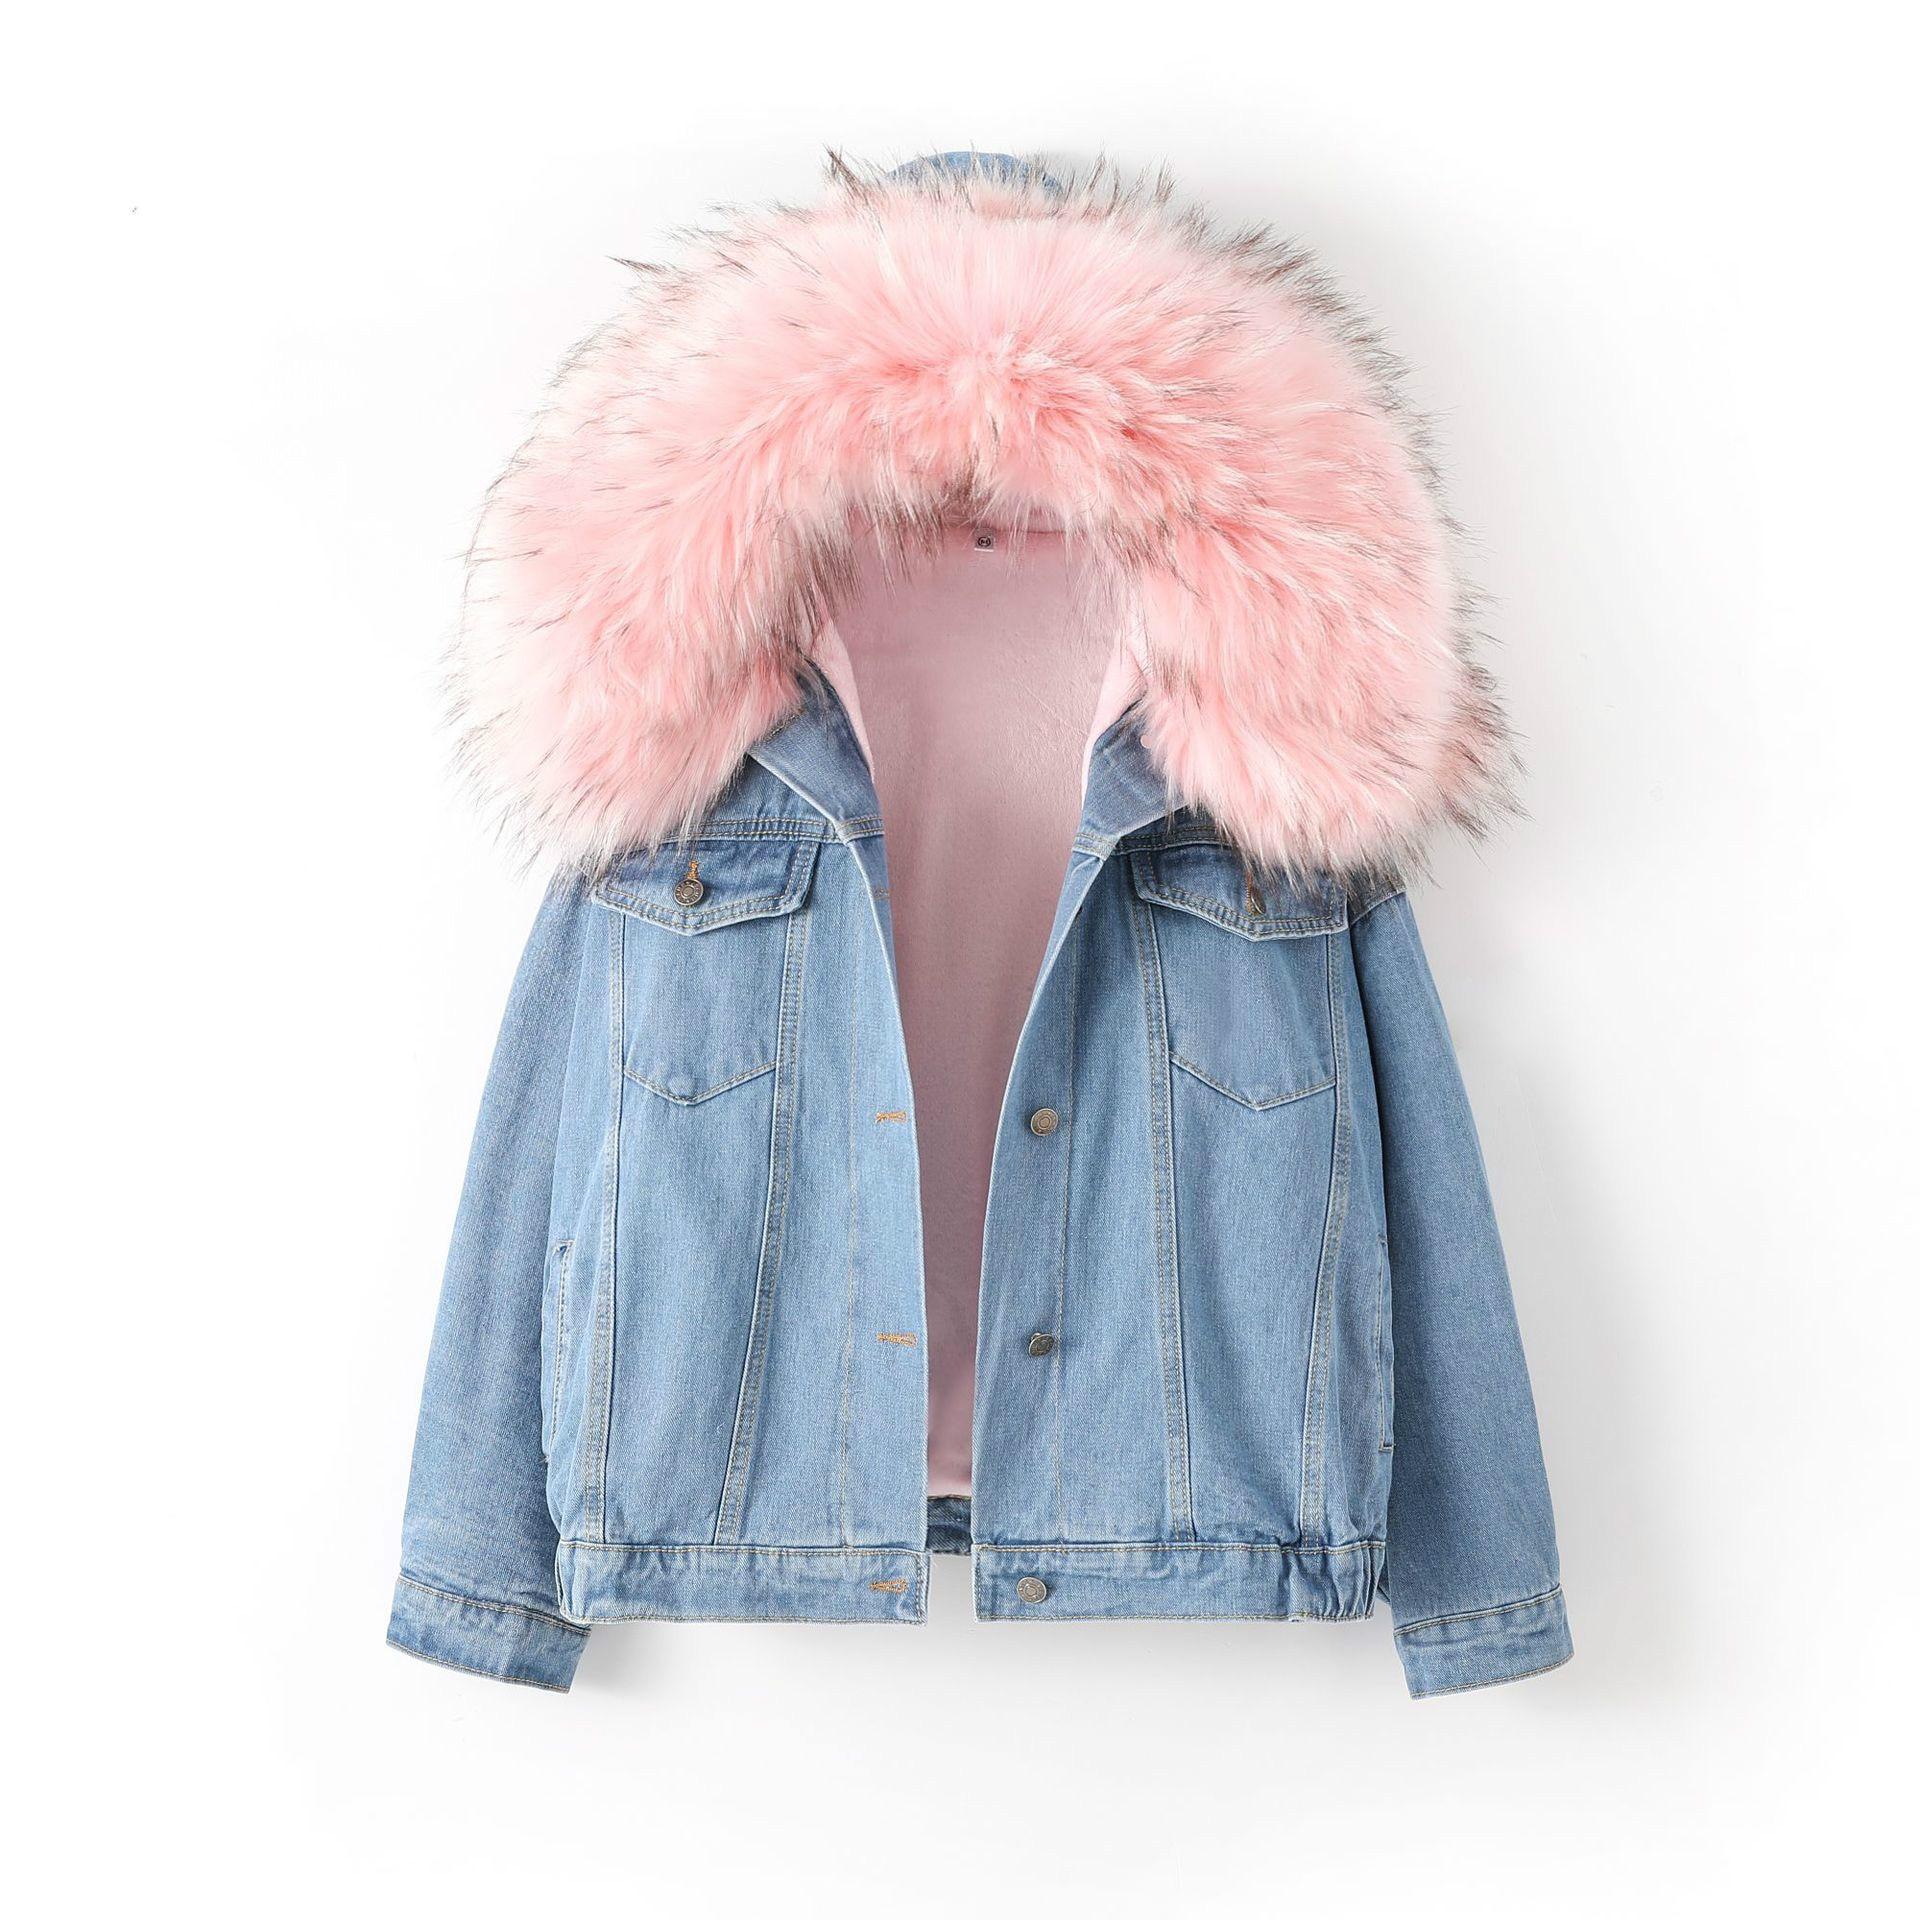 Femmes rose Denim manteau fausse fourrure col hiver fille Parka à manches longues doux mignon dames hauts lâche chaud femme surdimensionné veste